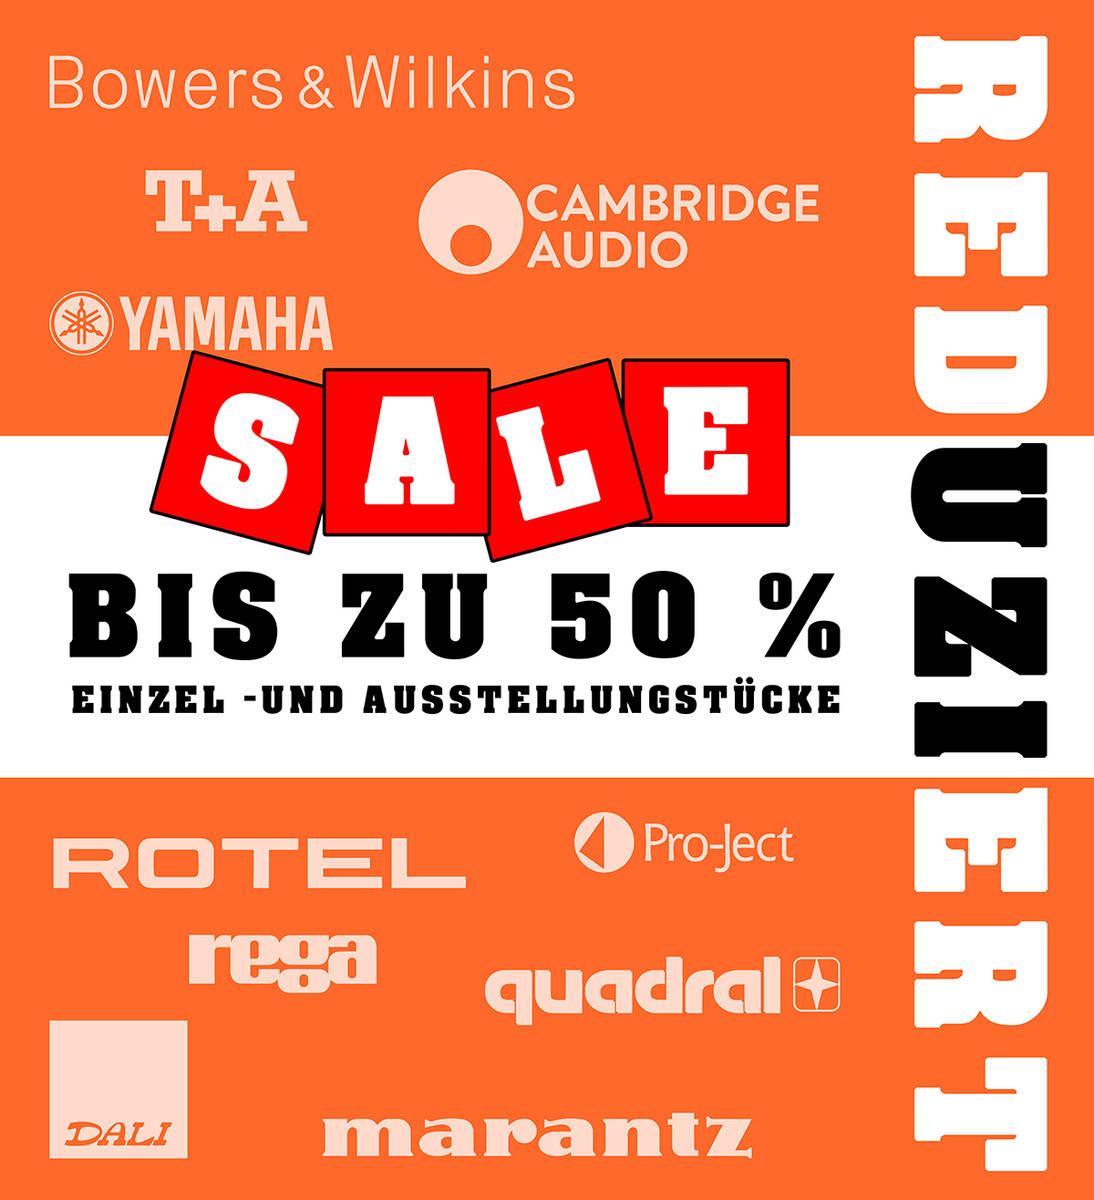 SALE! Diverse Einzelstücke & Ausstellungsstücke bis zu 50% REDUZIERT!